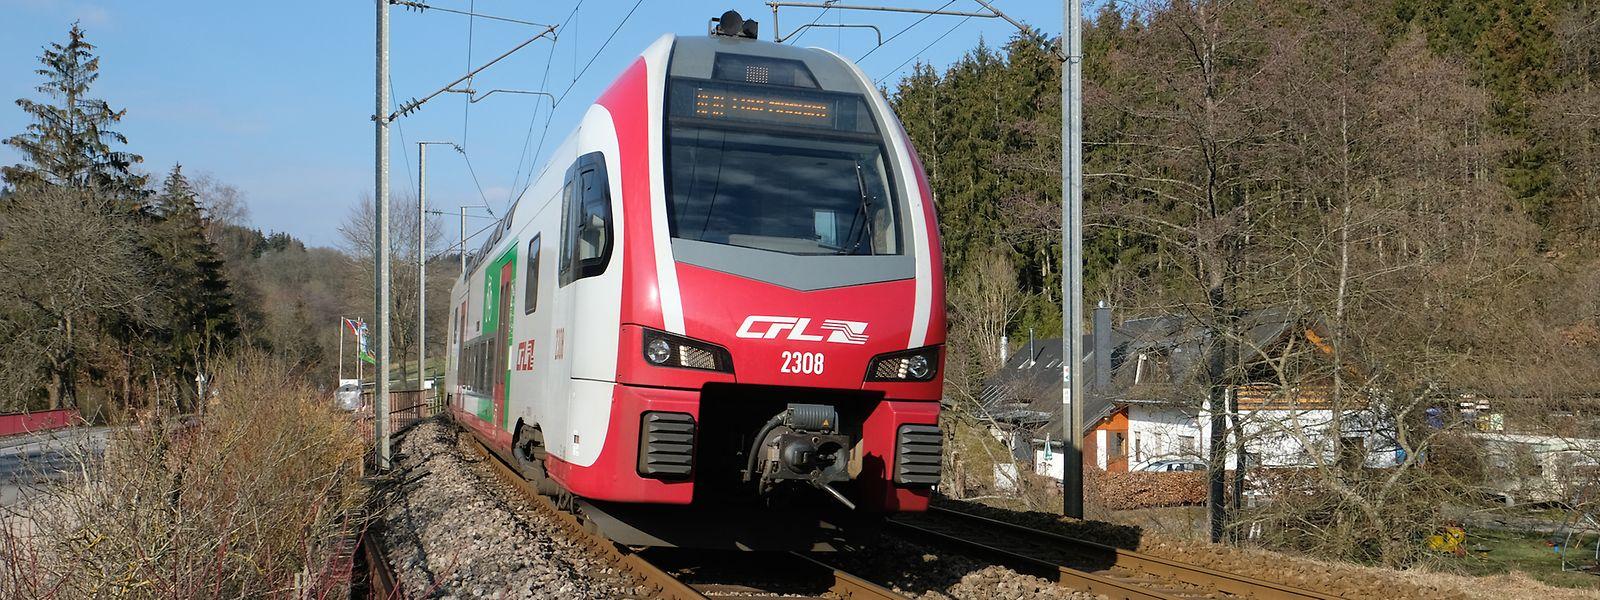 In sämtlichen CFL-Zügen fahren die Passagiere vom 1. März an kostenlos mit. Einen Fahrschein benötigt nur, wer in der ersten Klasse sitzen möchte - und wer über die Grenze fährt.